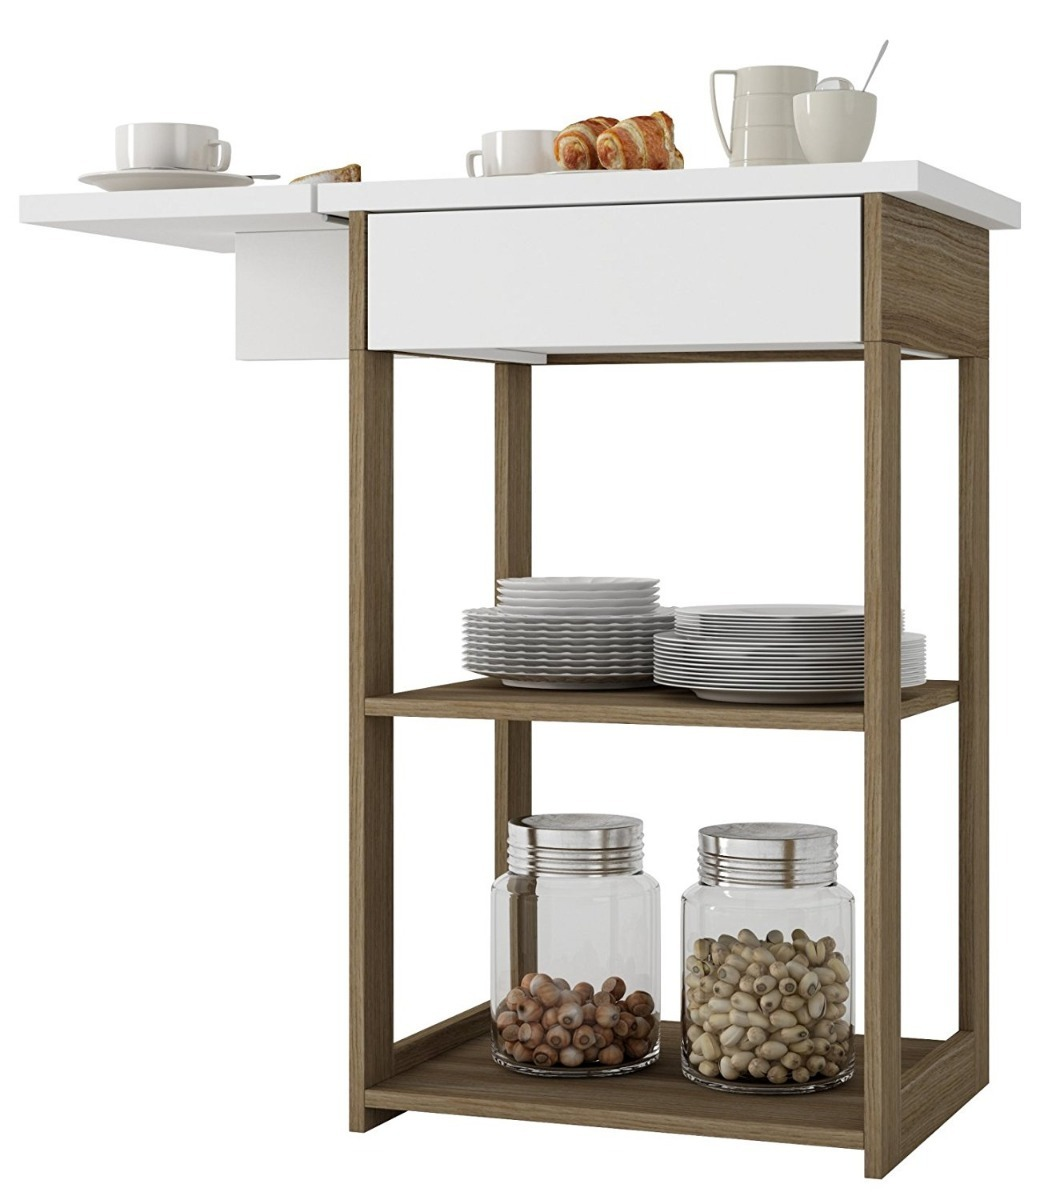 Mueble Organizador De Cocina , Facil De Armar - $ 2,399.00 en ...